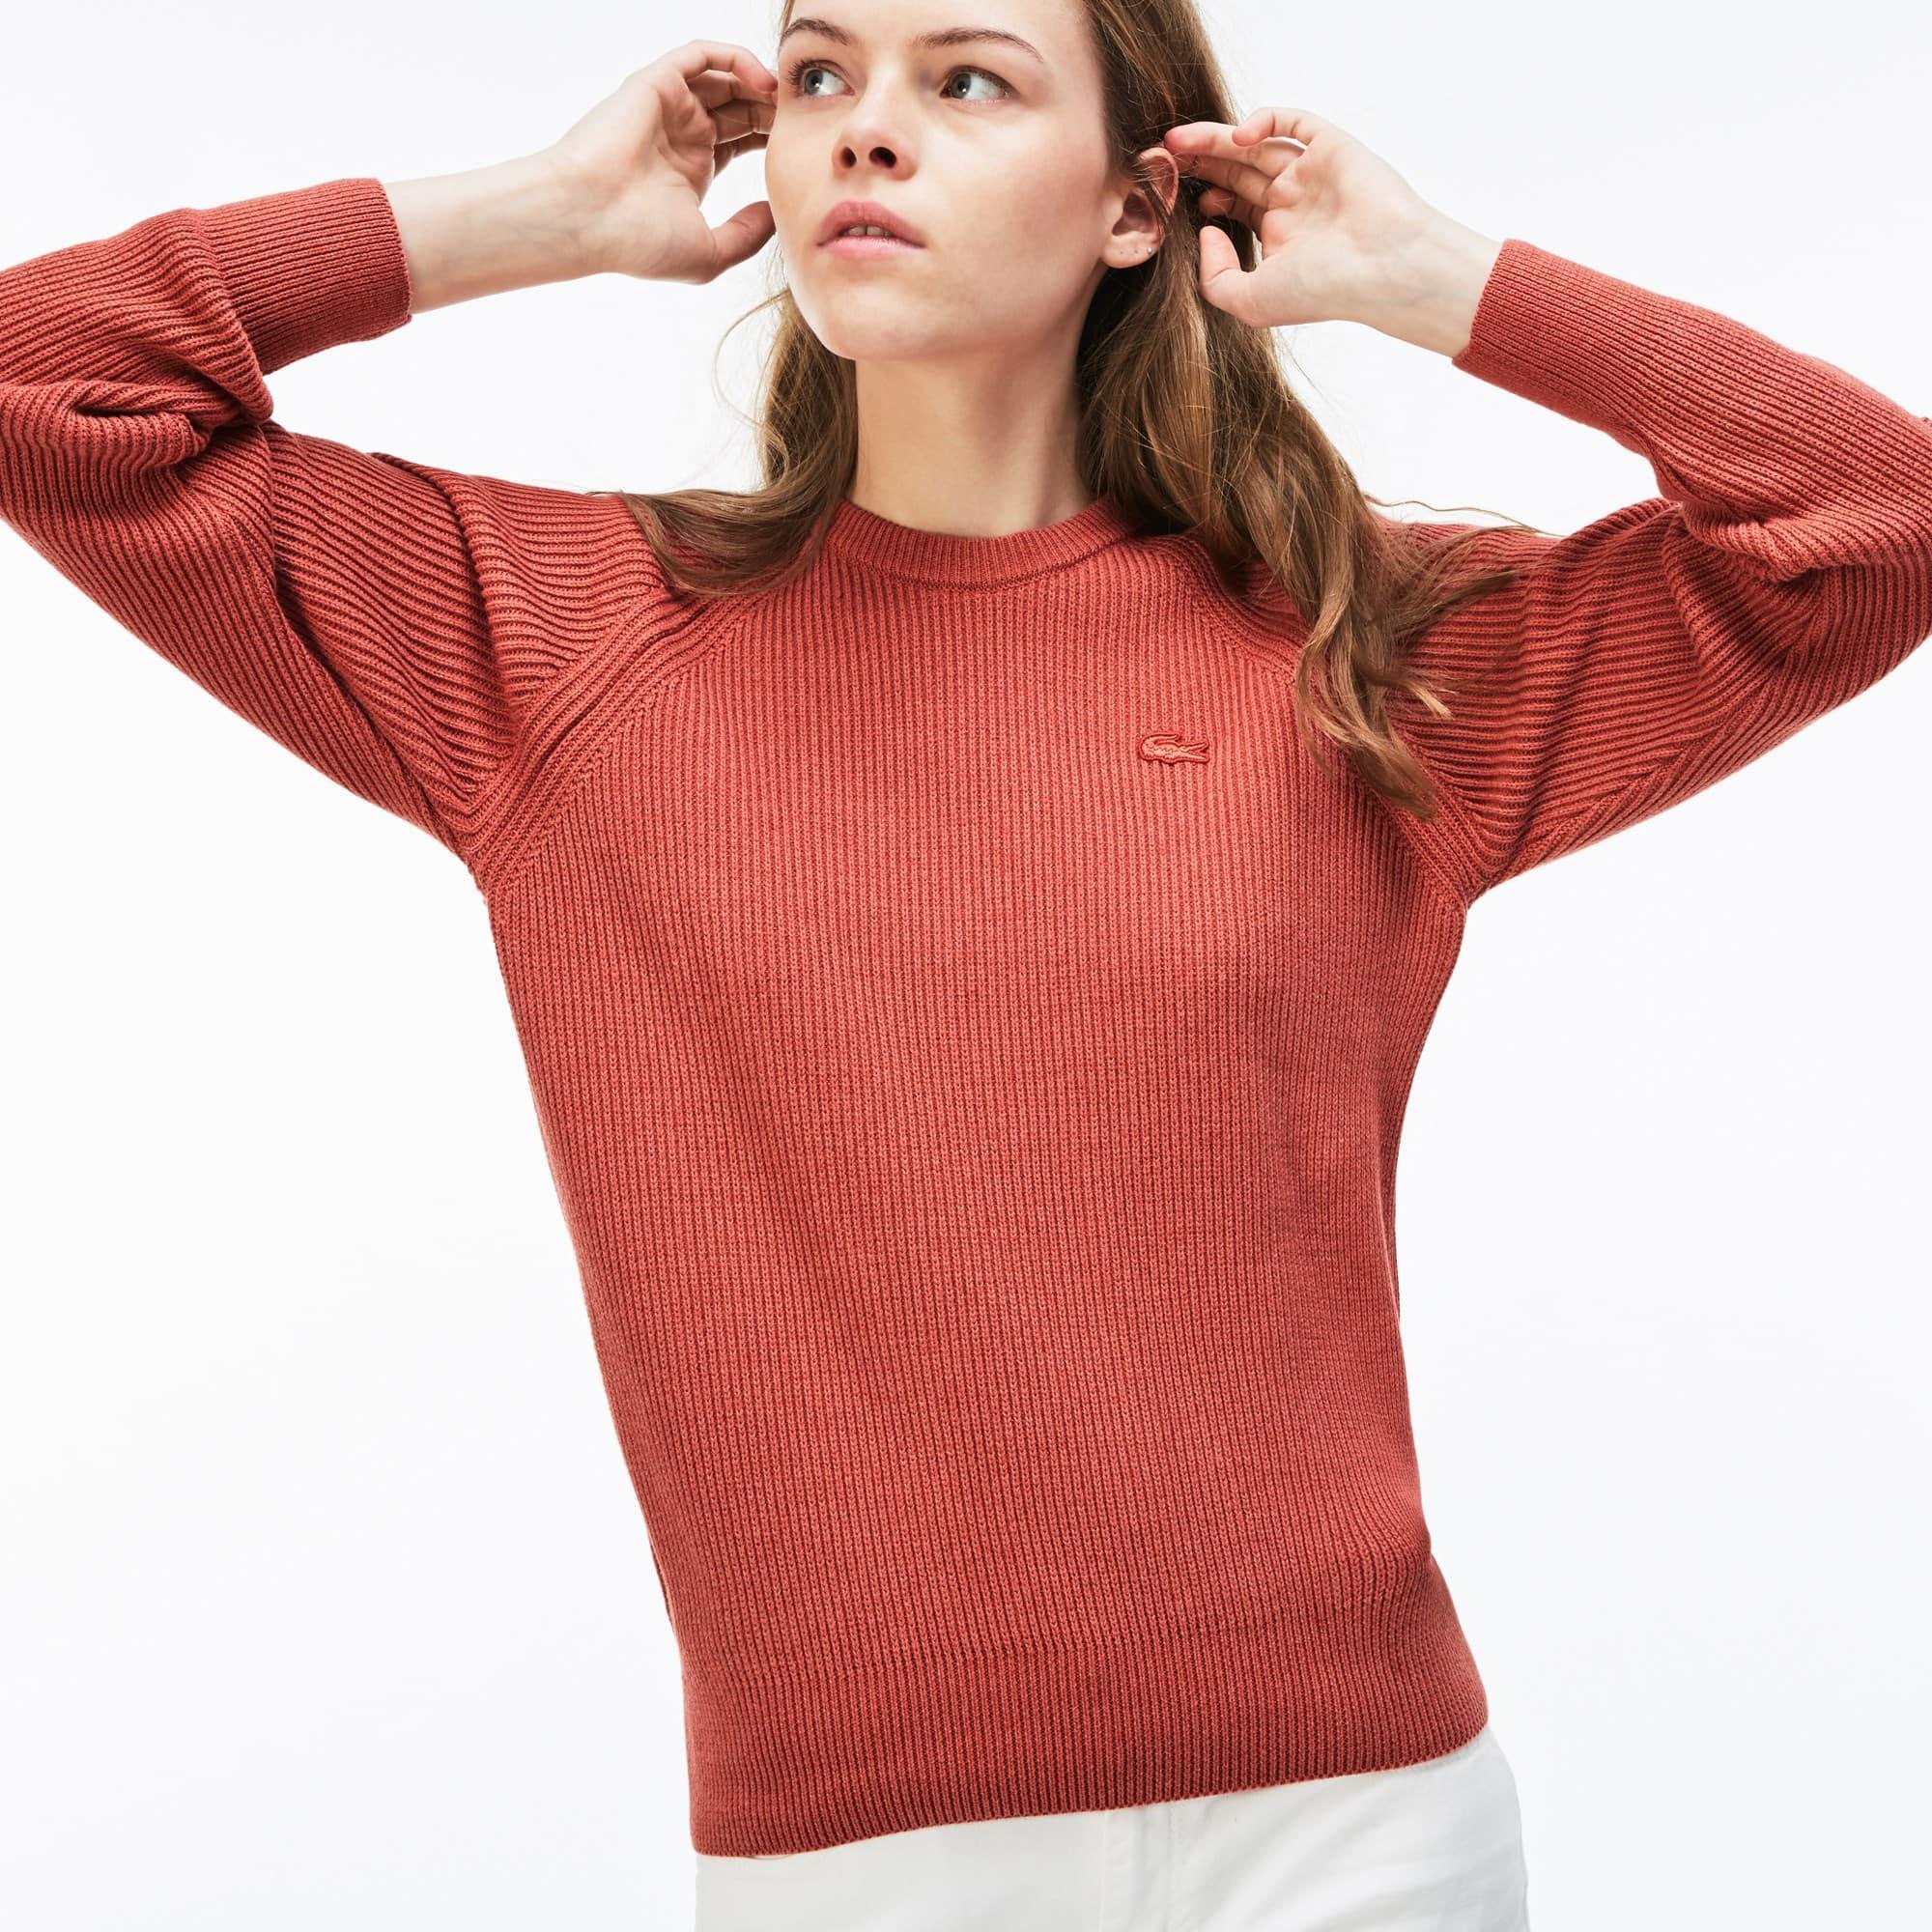 Jersey Mujer Cuello Redondo En Algodón Y Lana